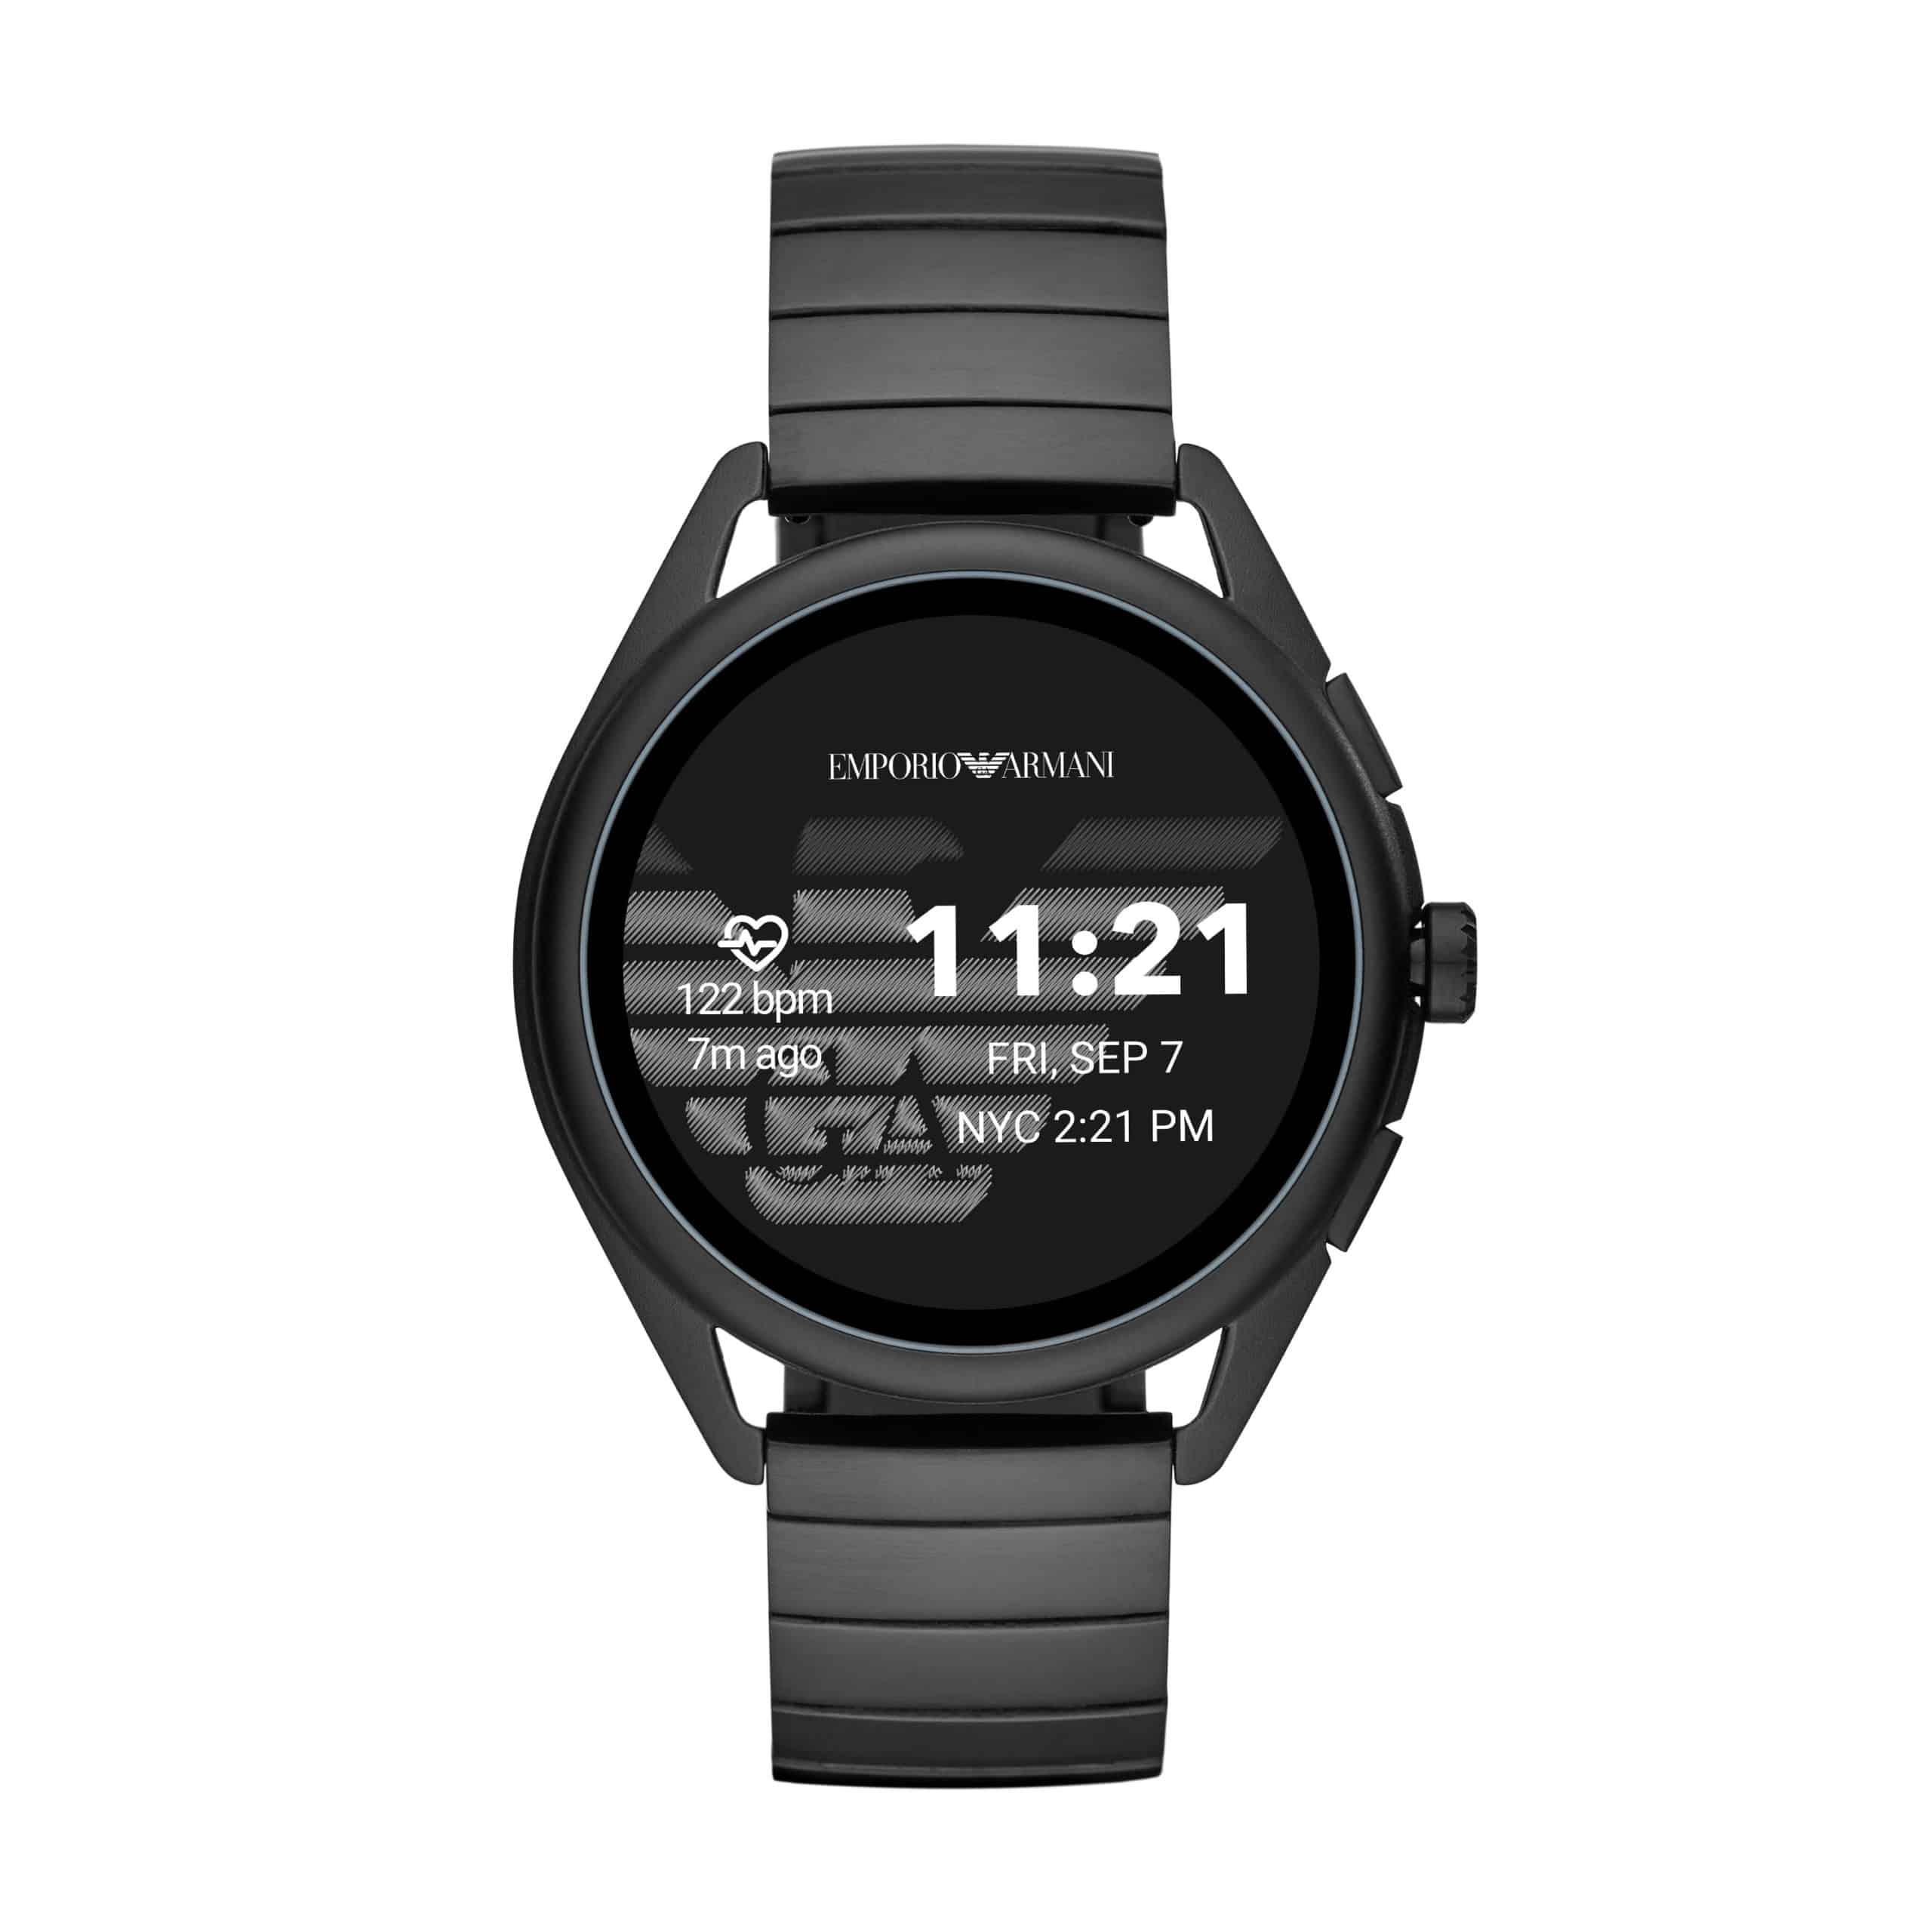 Emporio Armani Connected Smartwatch 3 4